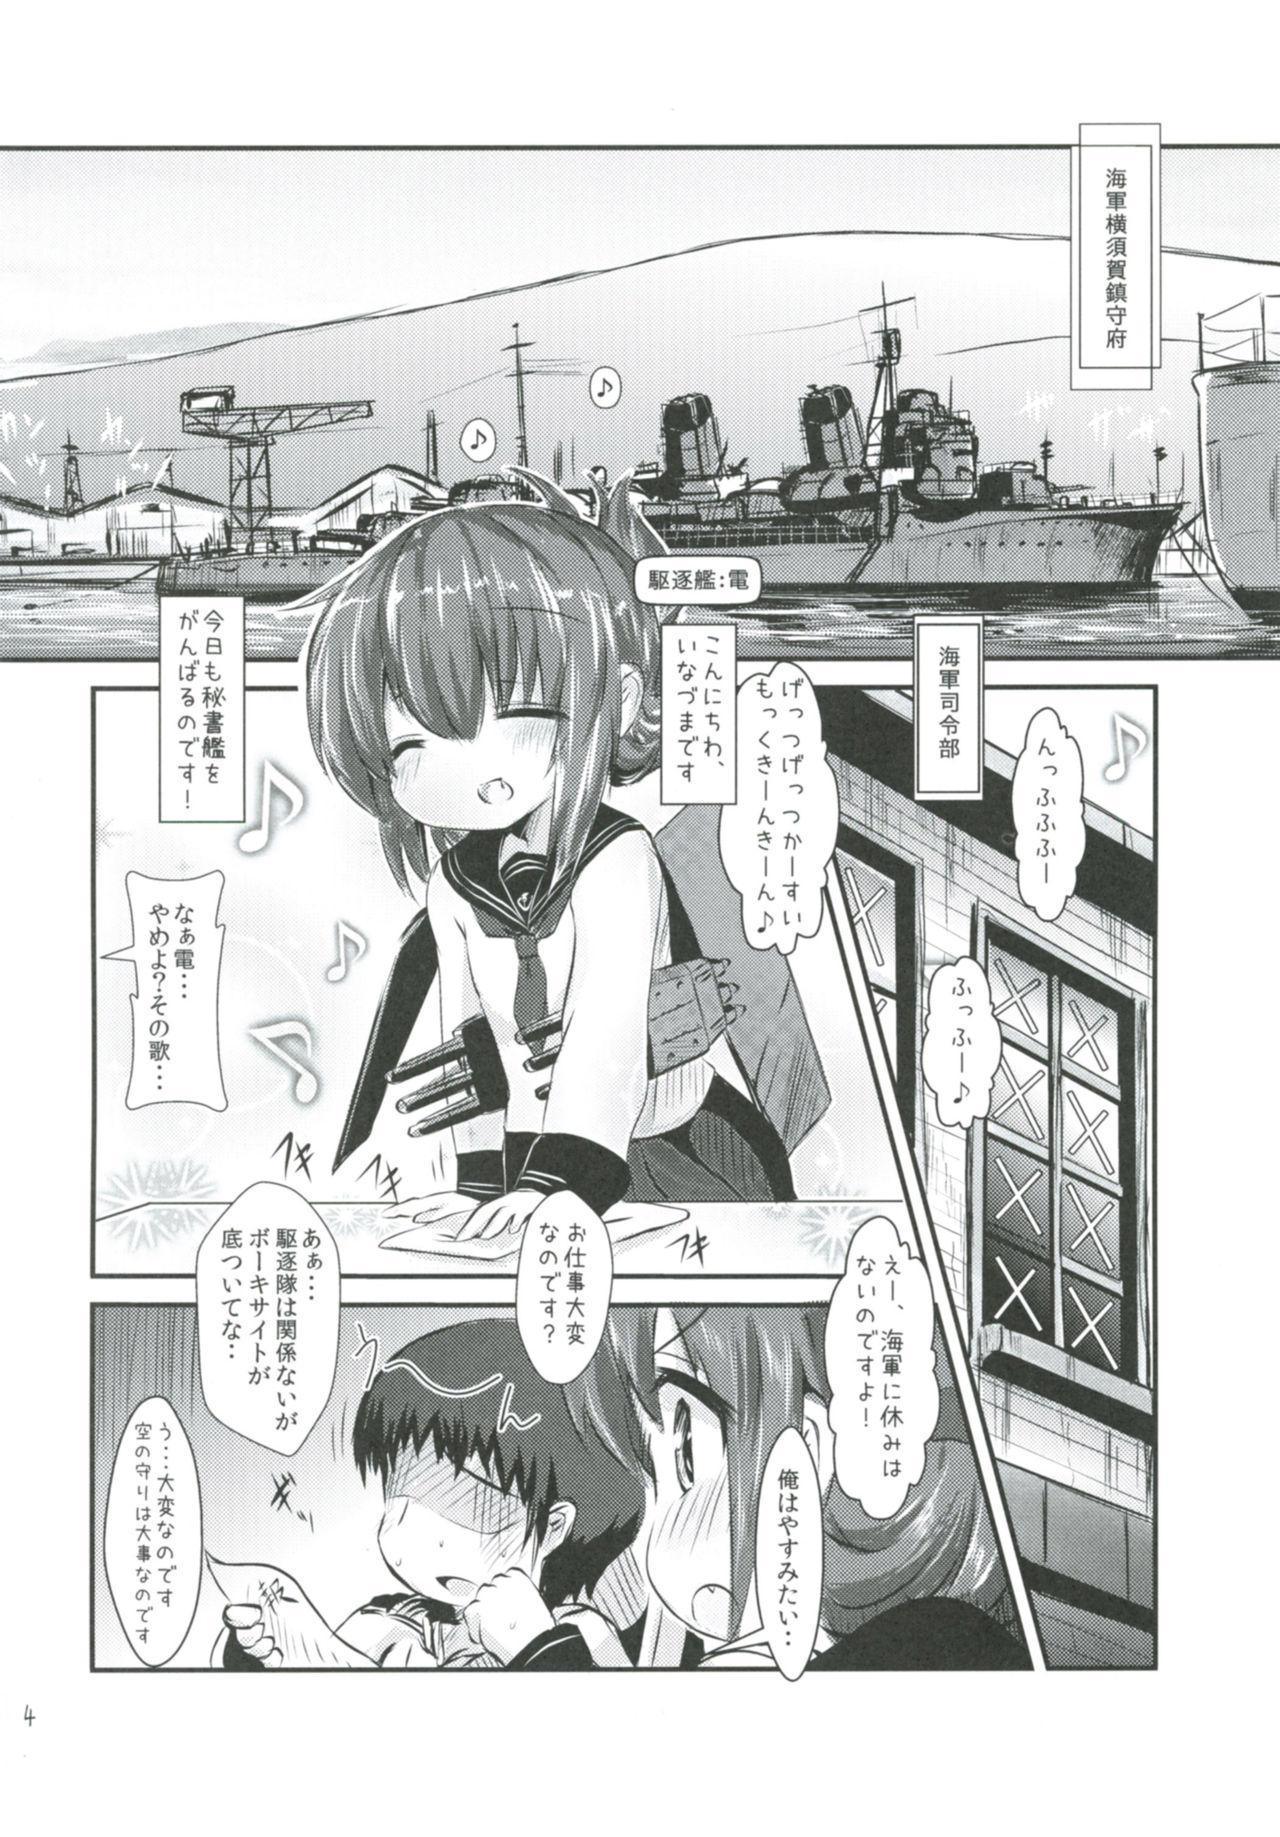 [Inyu-goya (Inyucchi)] Shireikan-san wa SexHara-san nano desu Matome (Kantai Collection -KanColle-) [Digital] 2